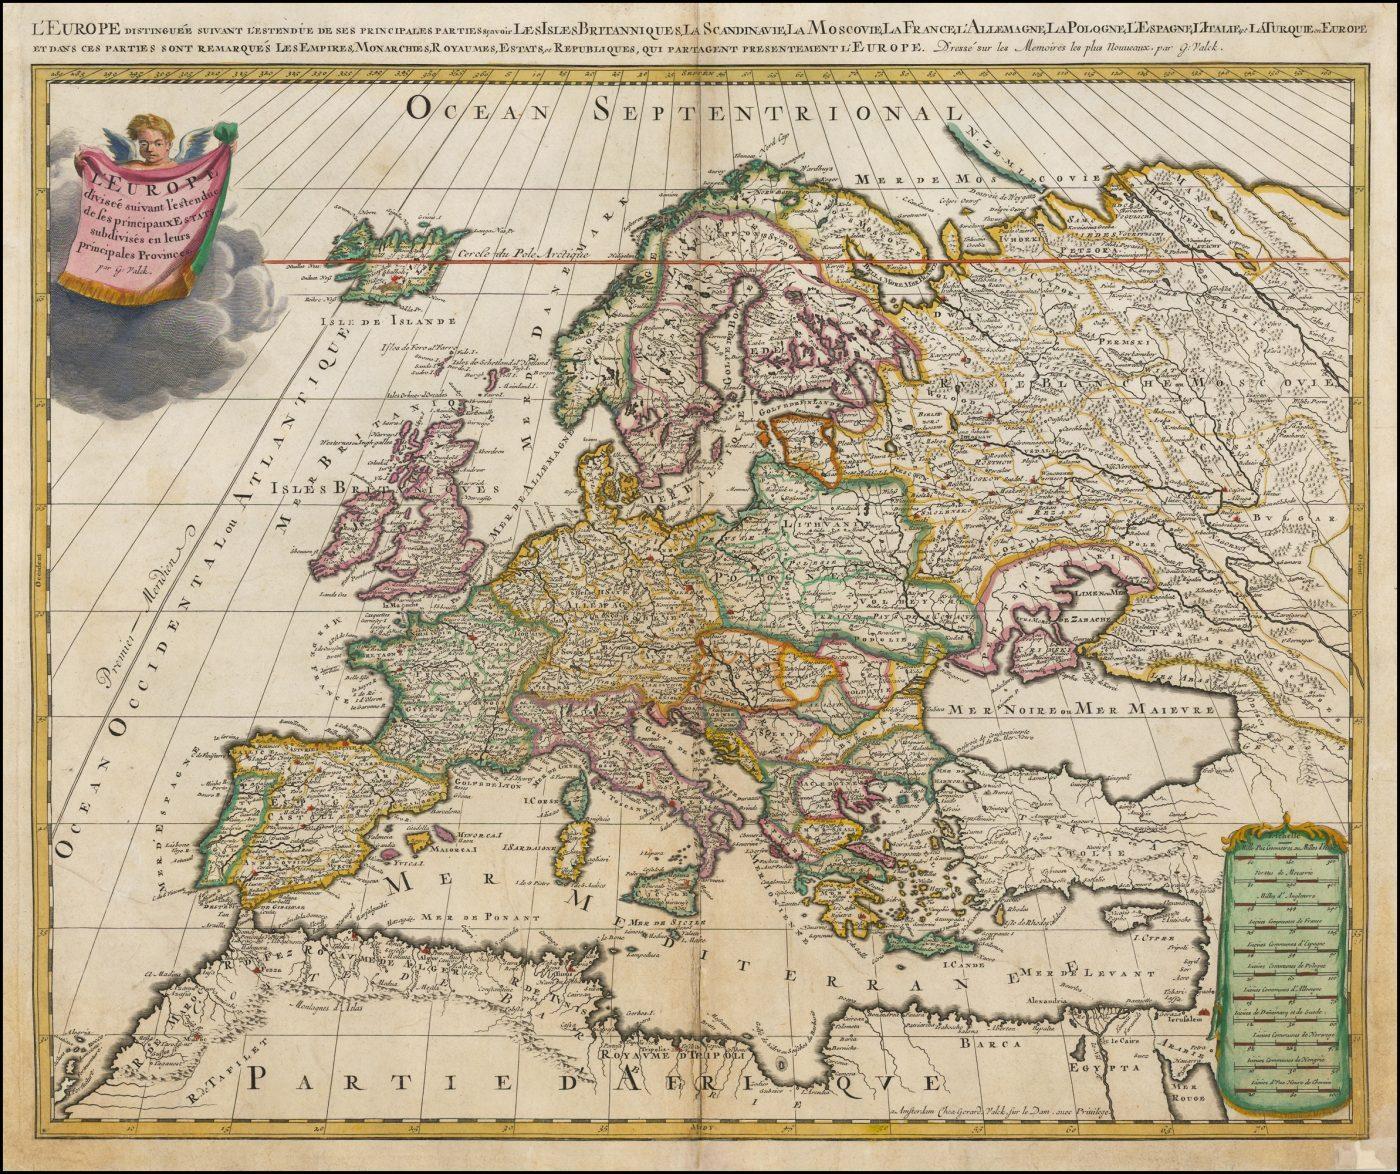 Цветная карта Европы Жерара Валка из атласа Contractus sive Mapparum Geographicarum Sansoniarum